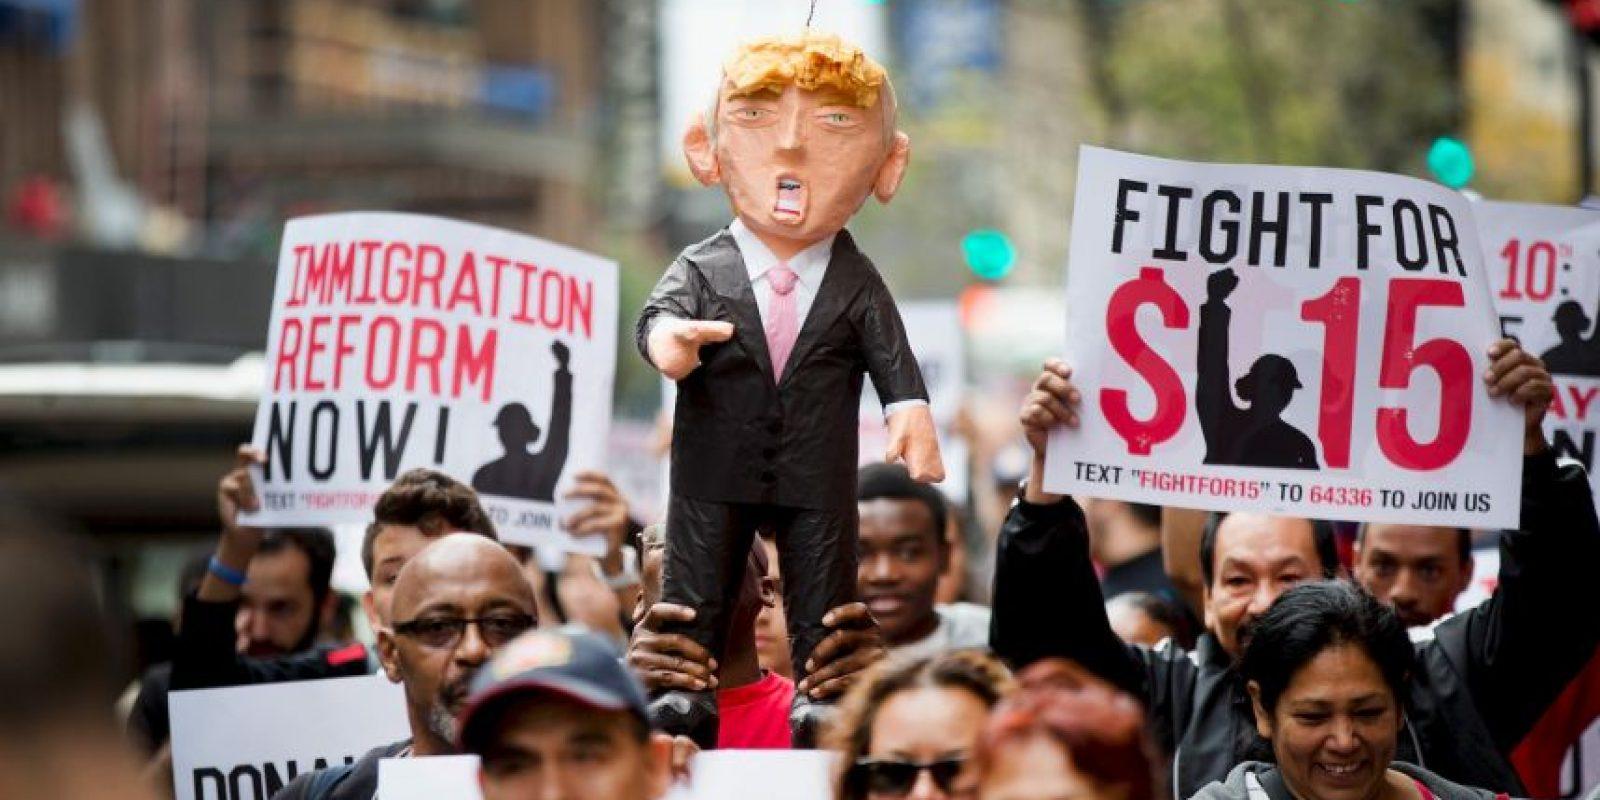 Durante su campaña política a causado distintas polémicas. Foto:Getty Images